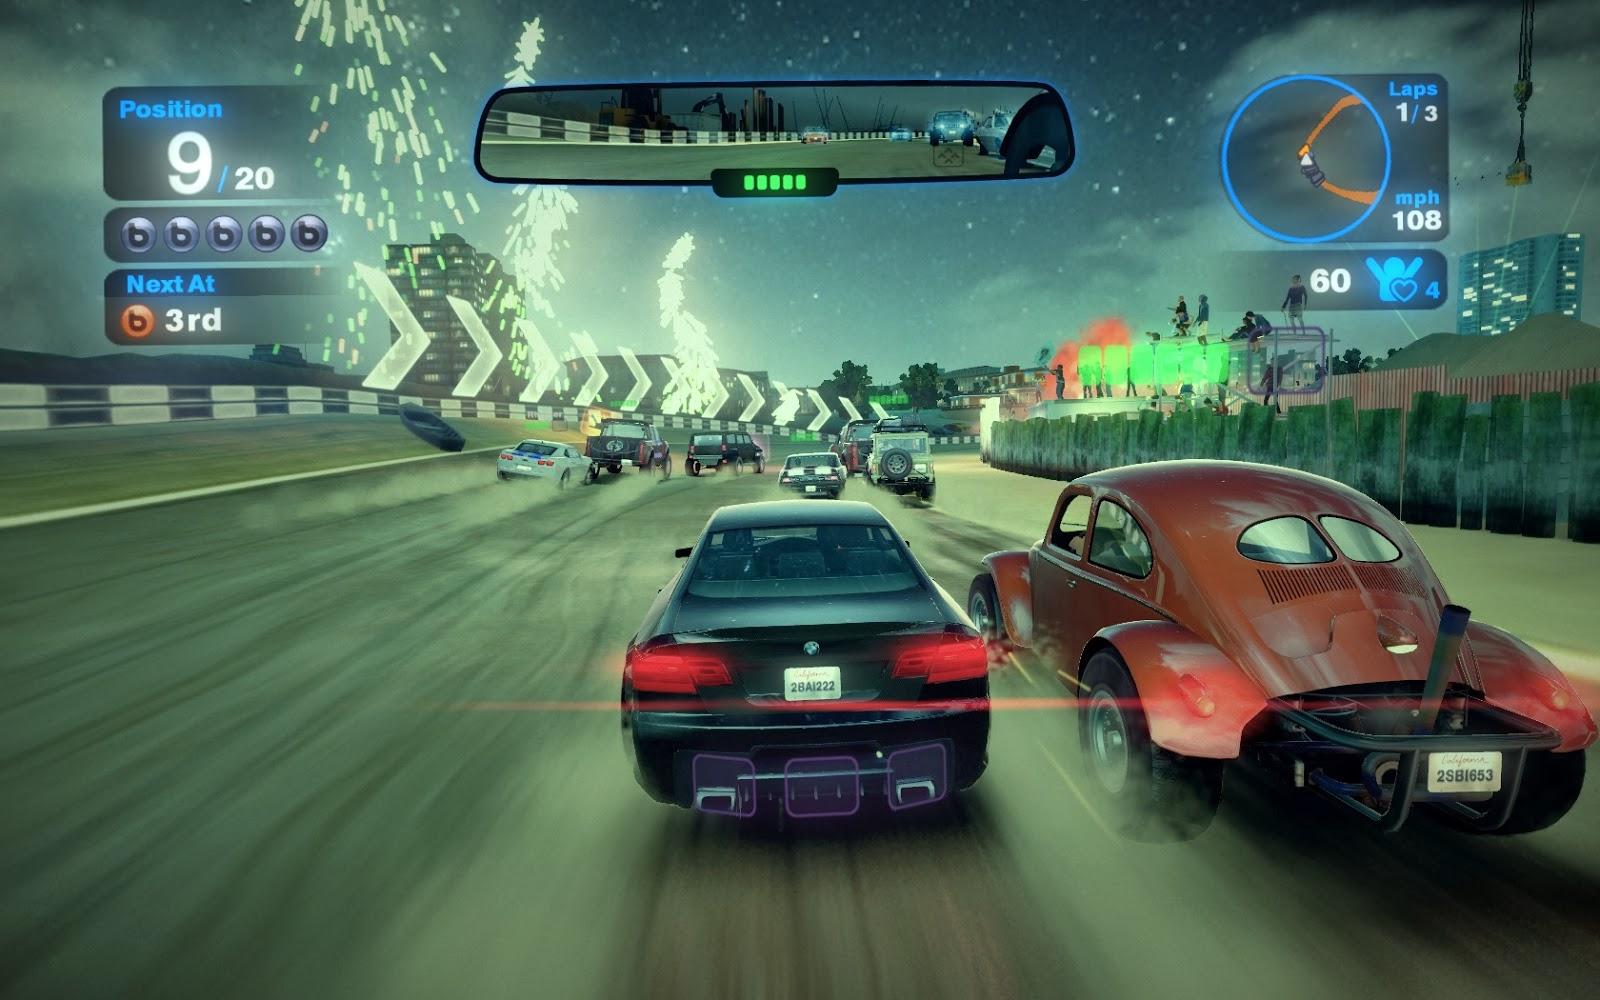 Free PC Game Full Version Download: Download Blur PC Game